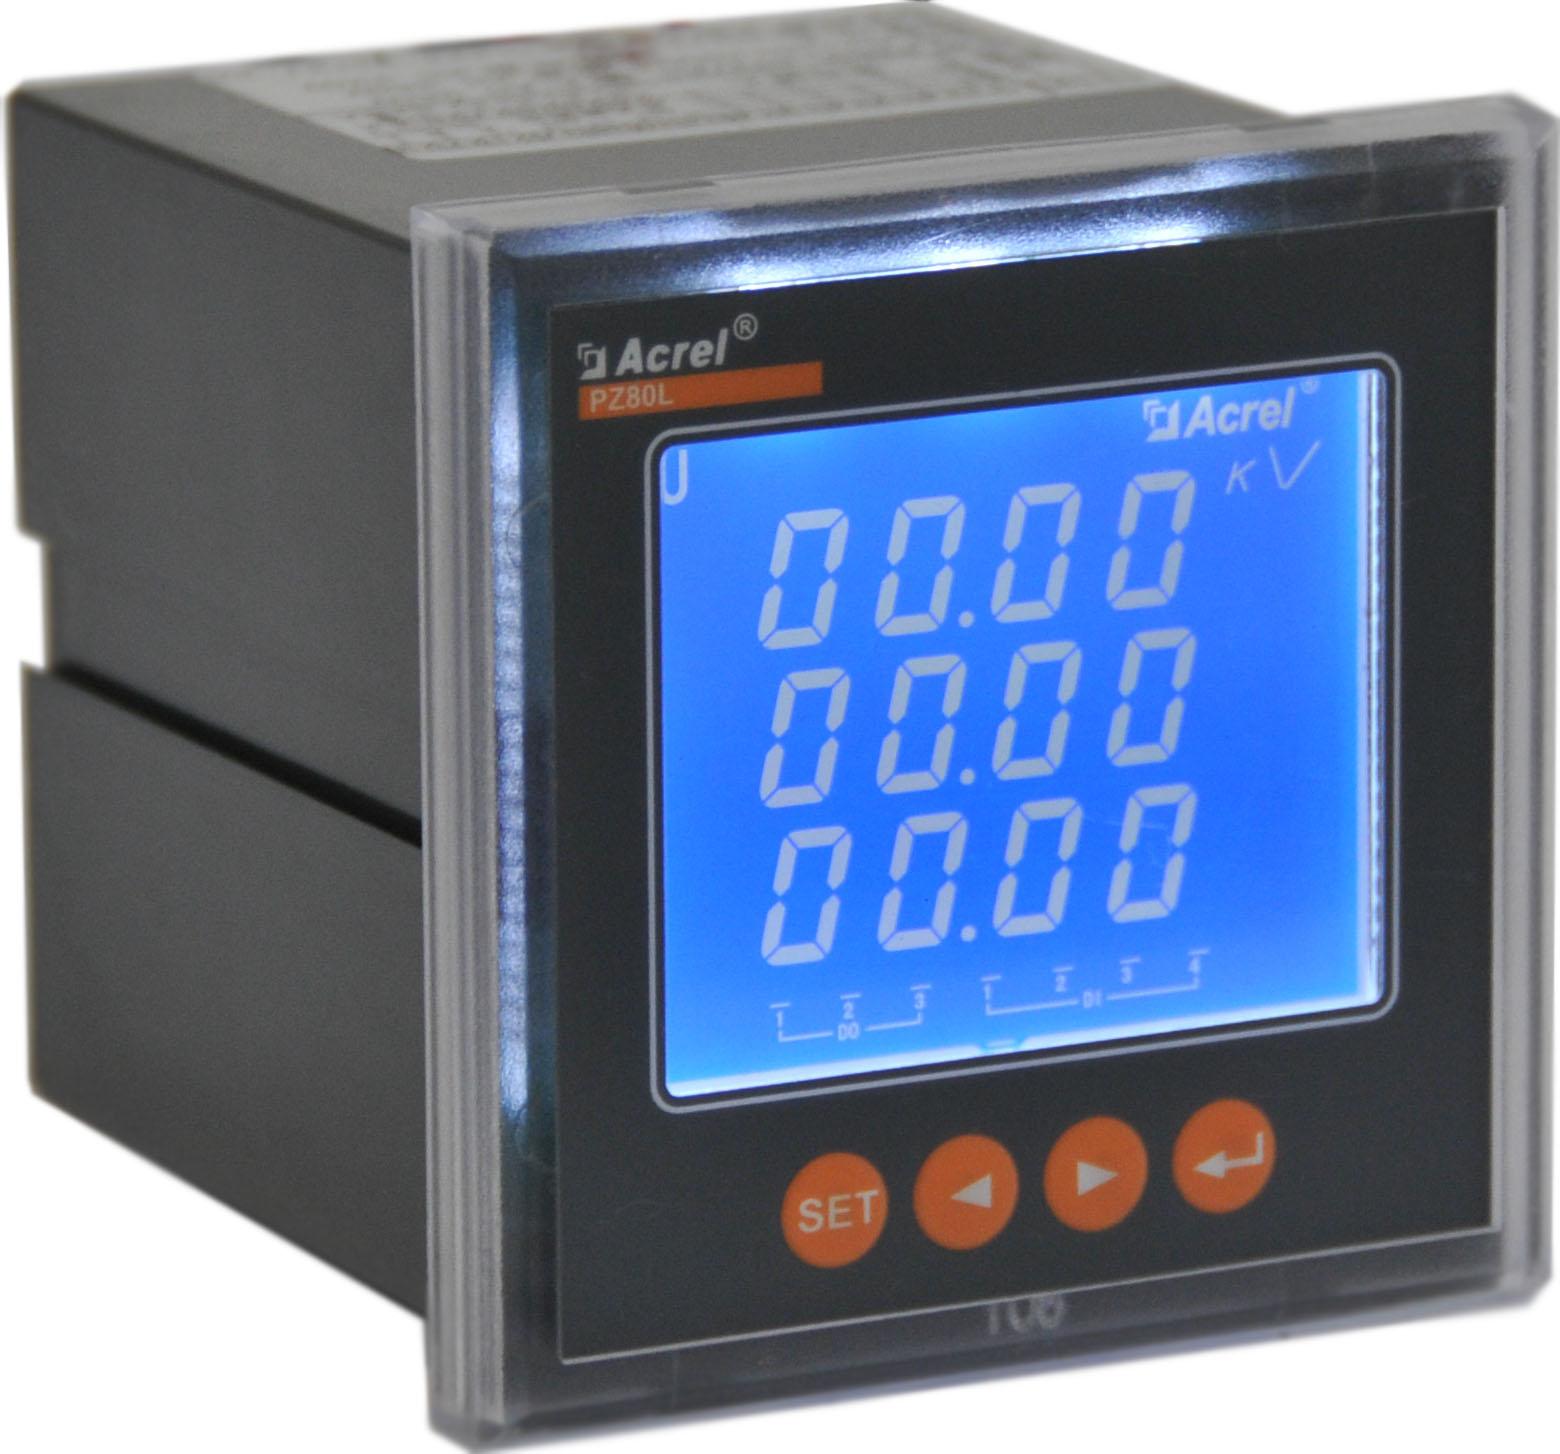 安科瑞 直销 PZ80L-E4/H 谐波畸变率 多功能呢电能表 包邮